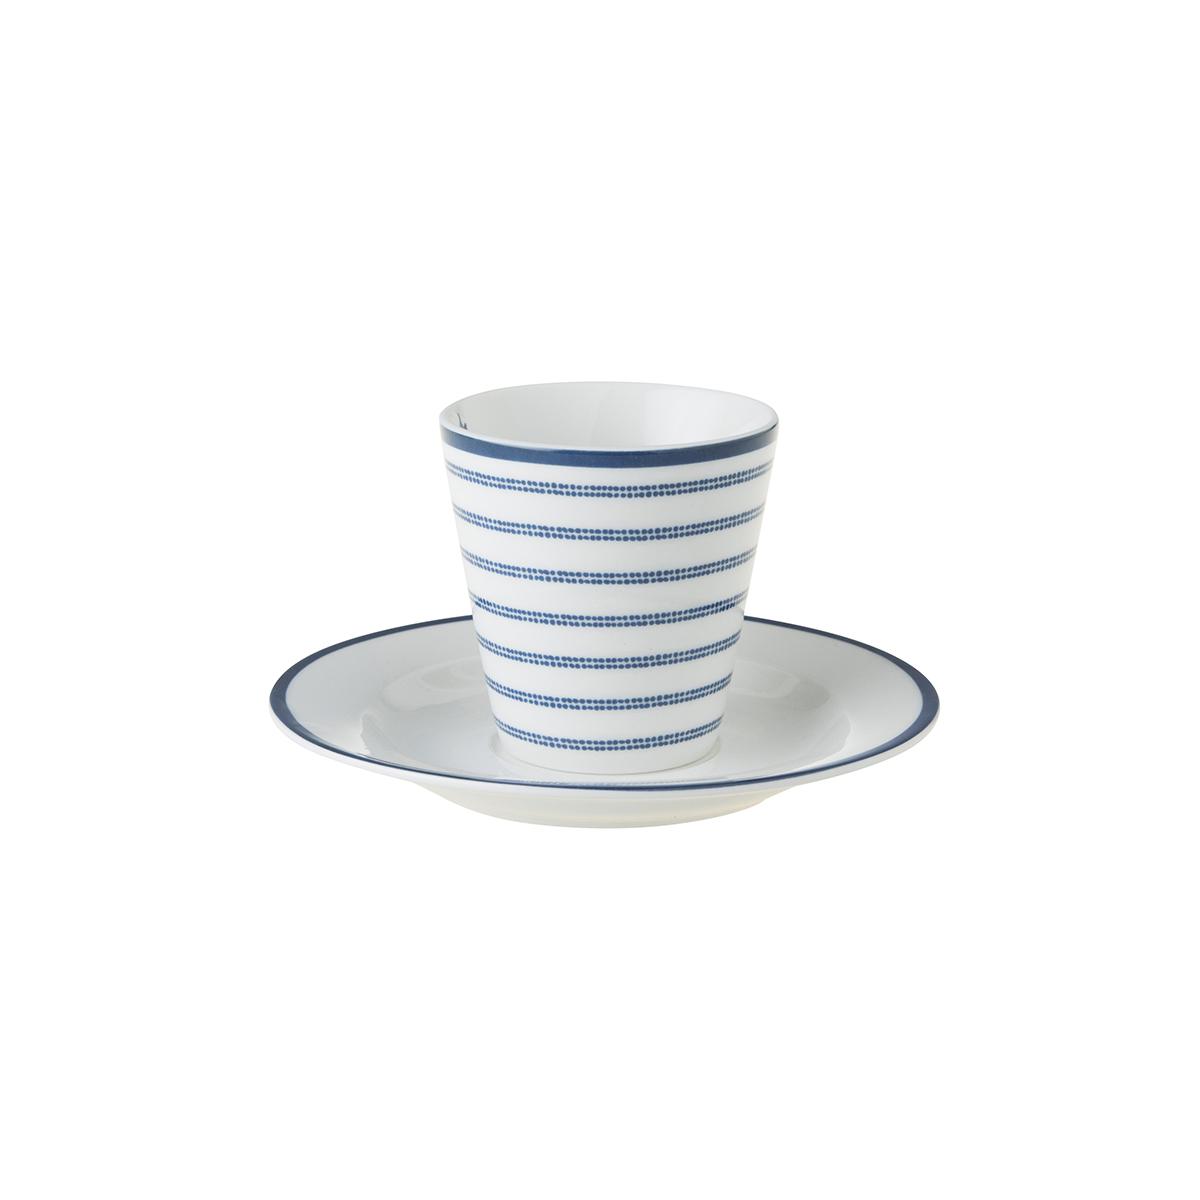 kop-en-schotel-espresso-candy-laura-ashley-178692-v